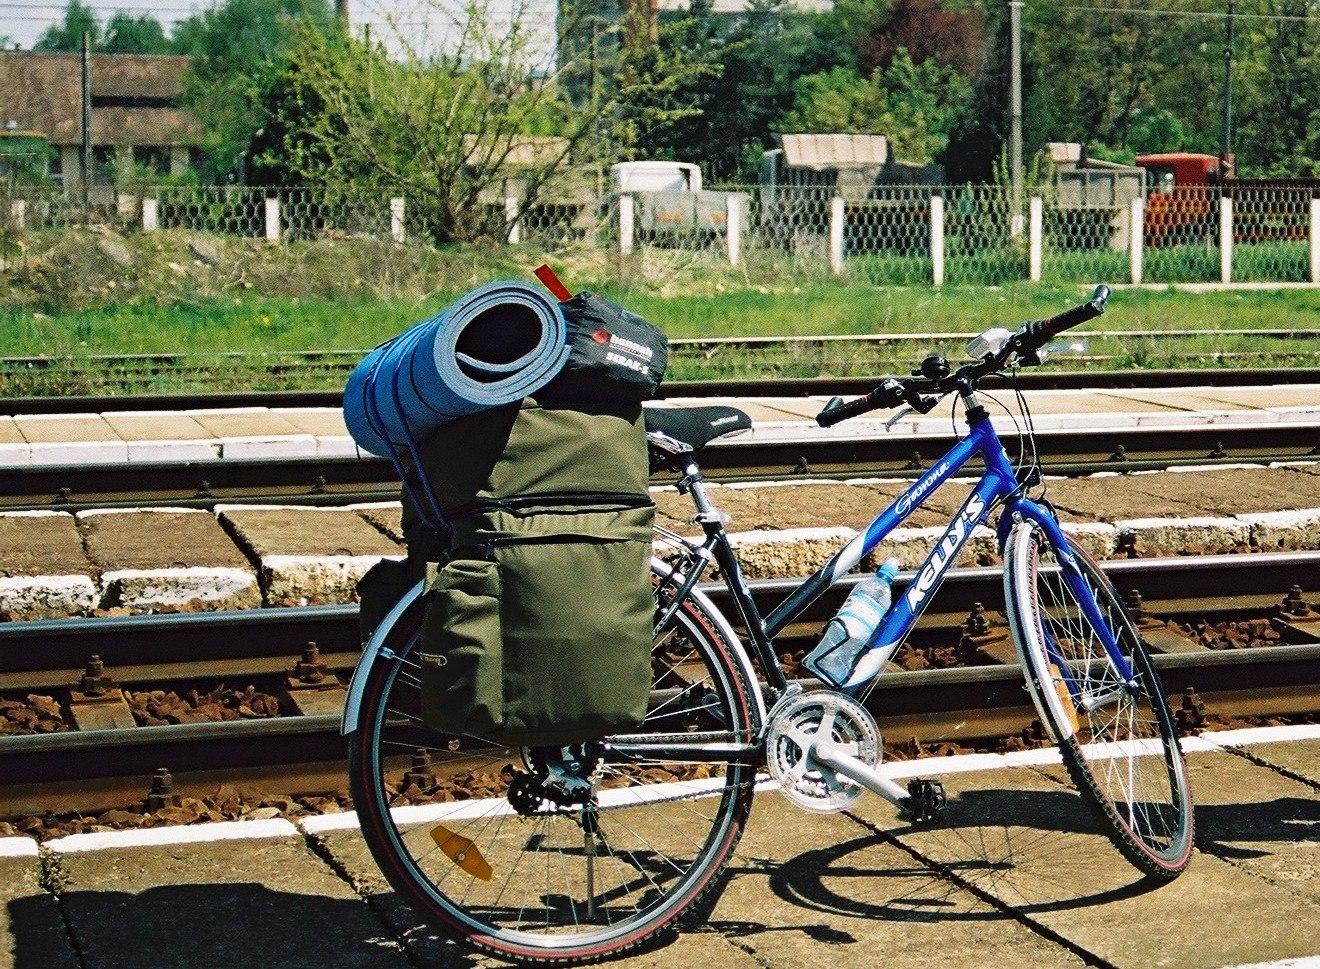 Kradzież roweru marki Kellys. Pani Iwona prosi o pomoc